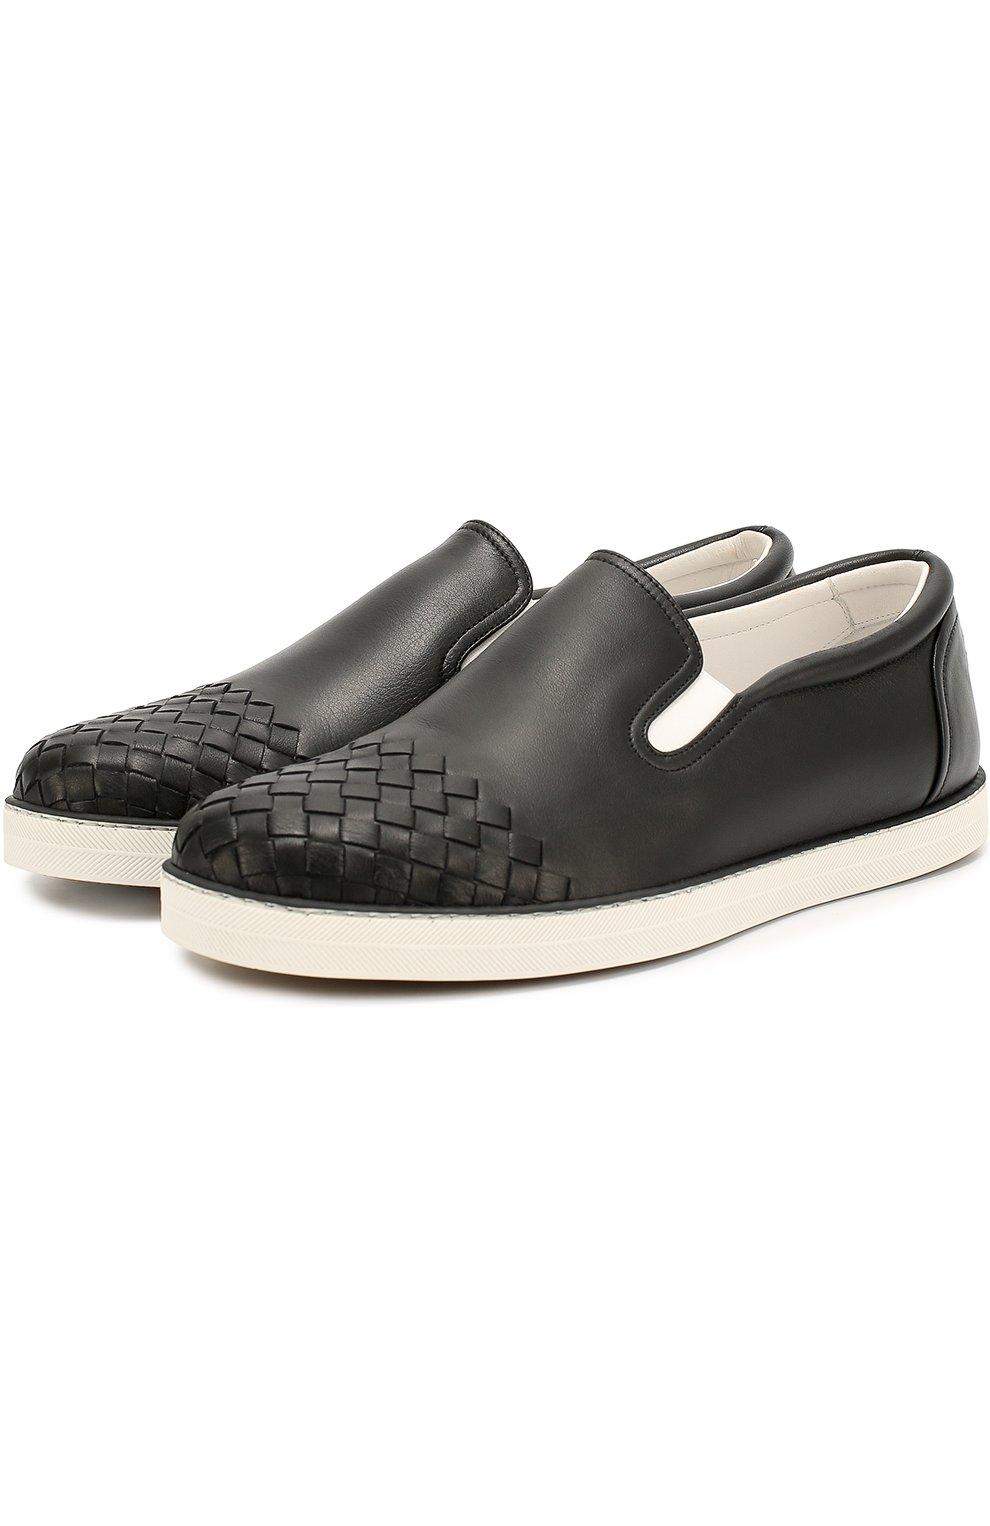 Мужские кожаные слипоны с плетением intrecciato BOTTEGA VENETA черного цвета, арт. 427980/VT031 | Фото 2